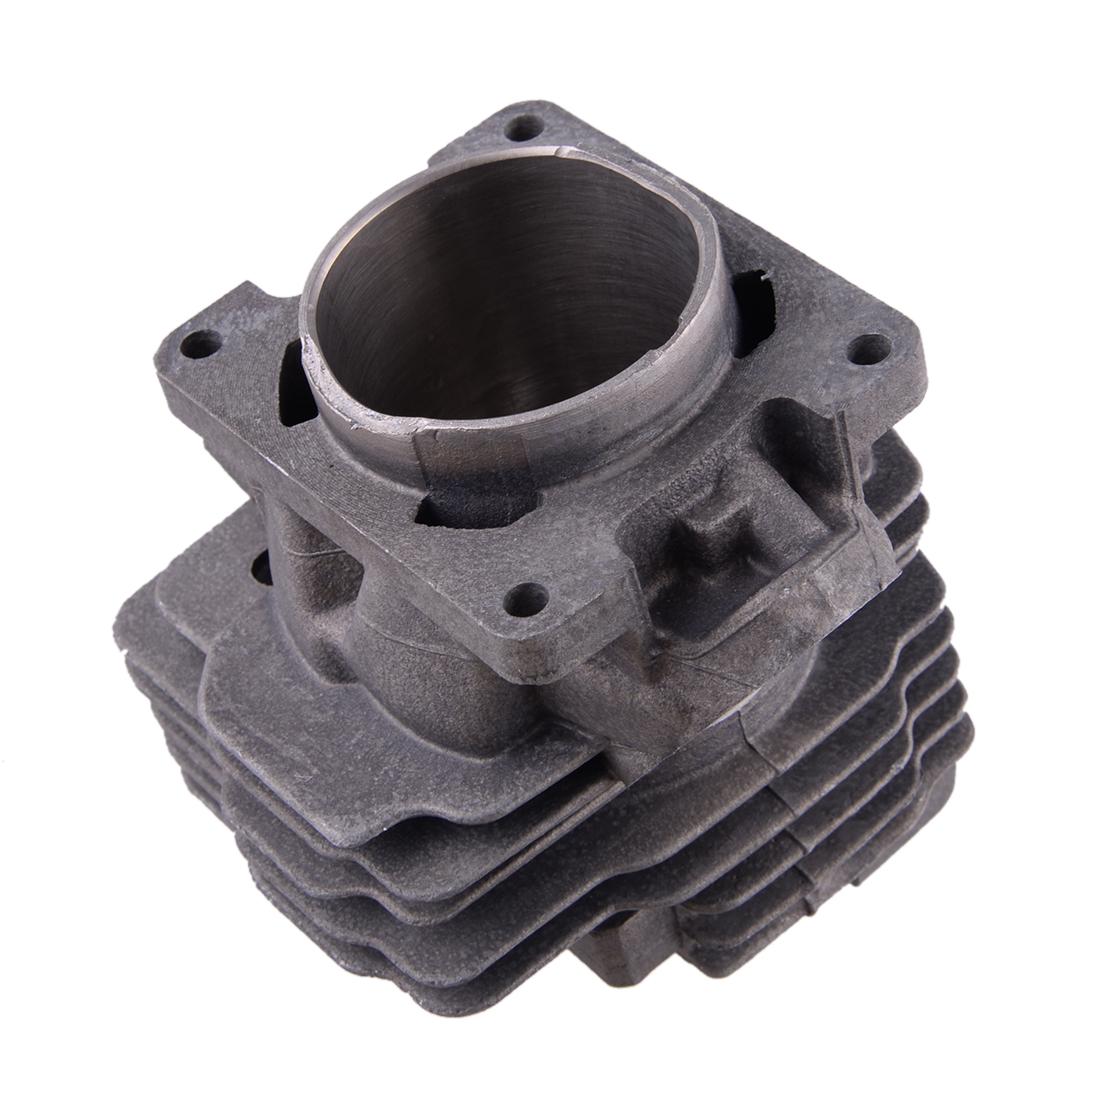 44.7mm Zylinder Kolben passt für Stihl MS261 MS261C mit Öldichtung Öl//Tankdeckel